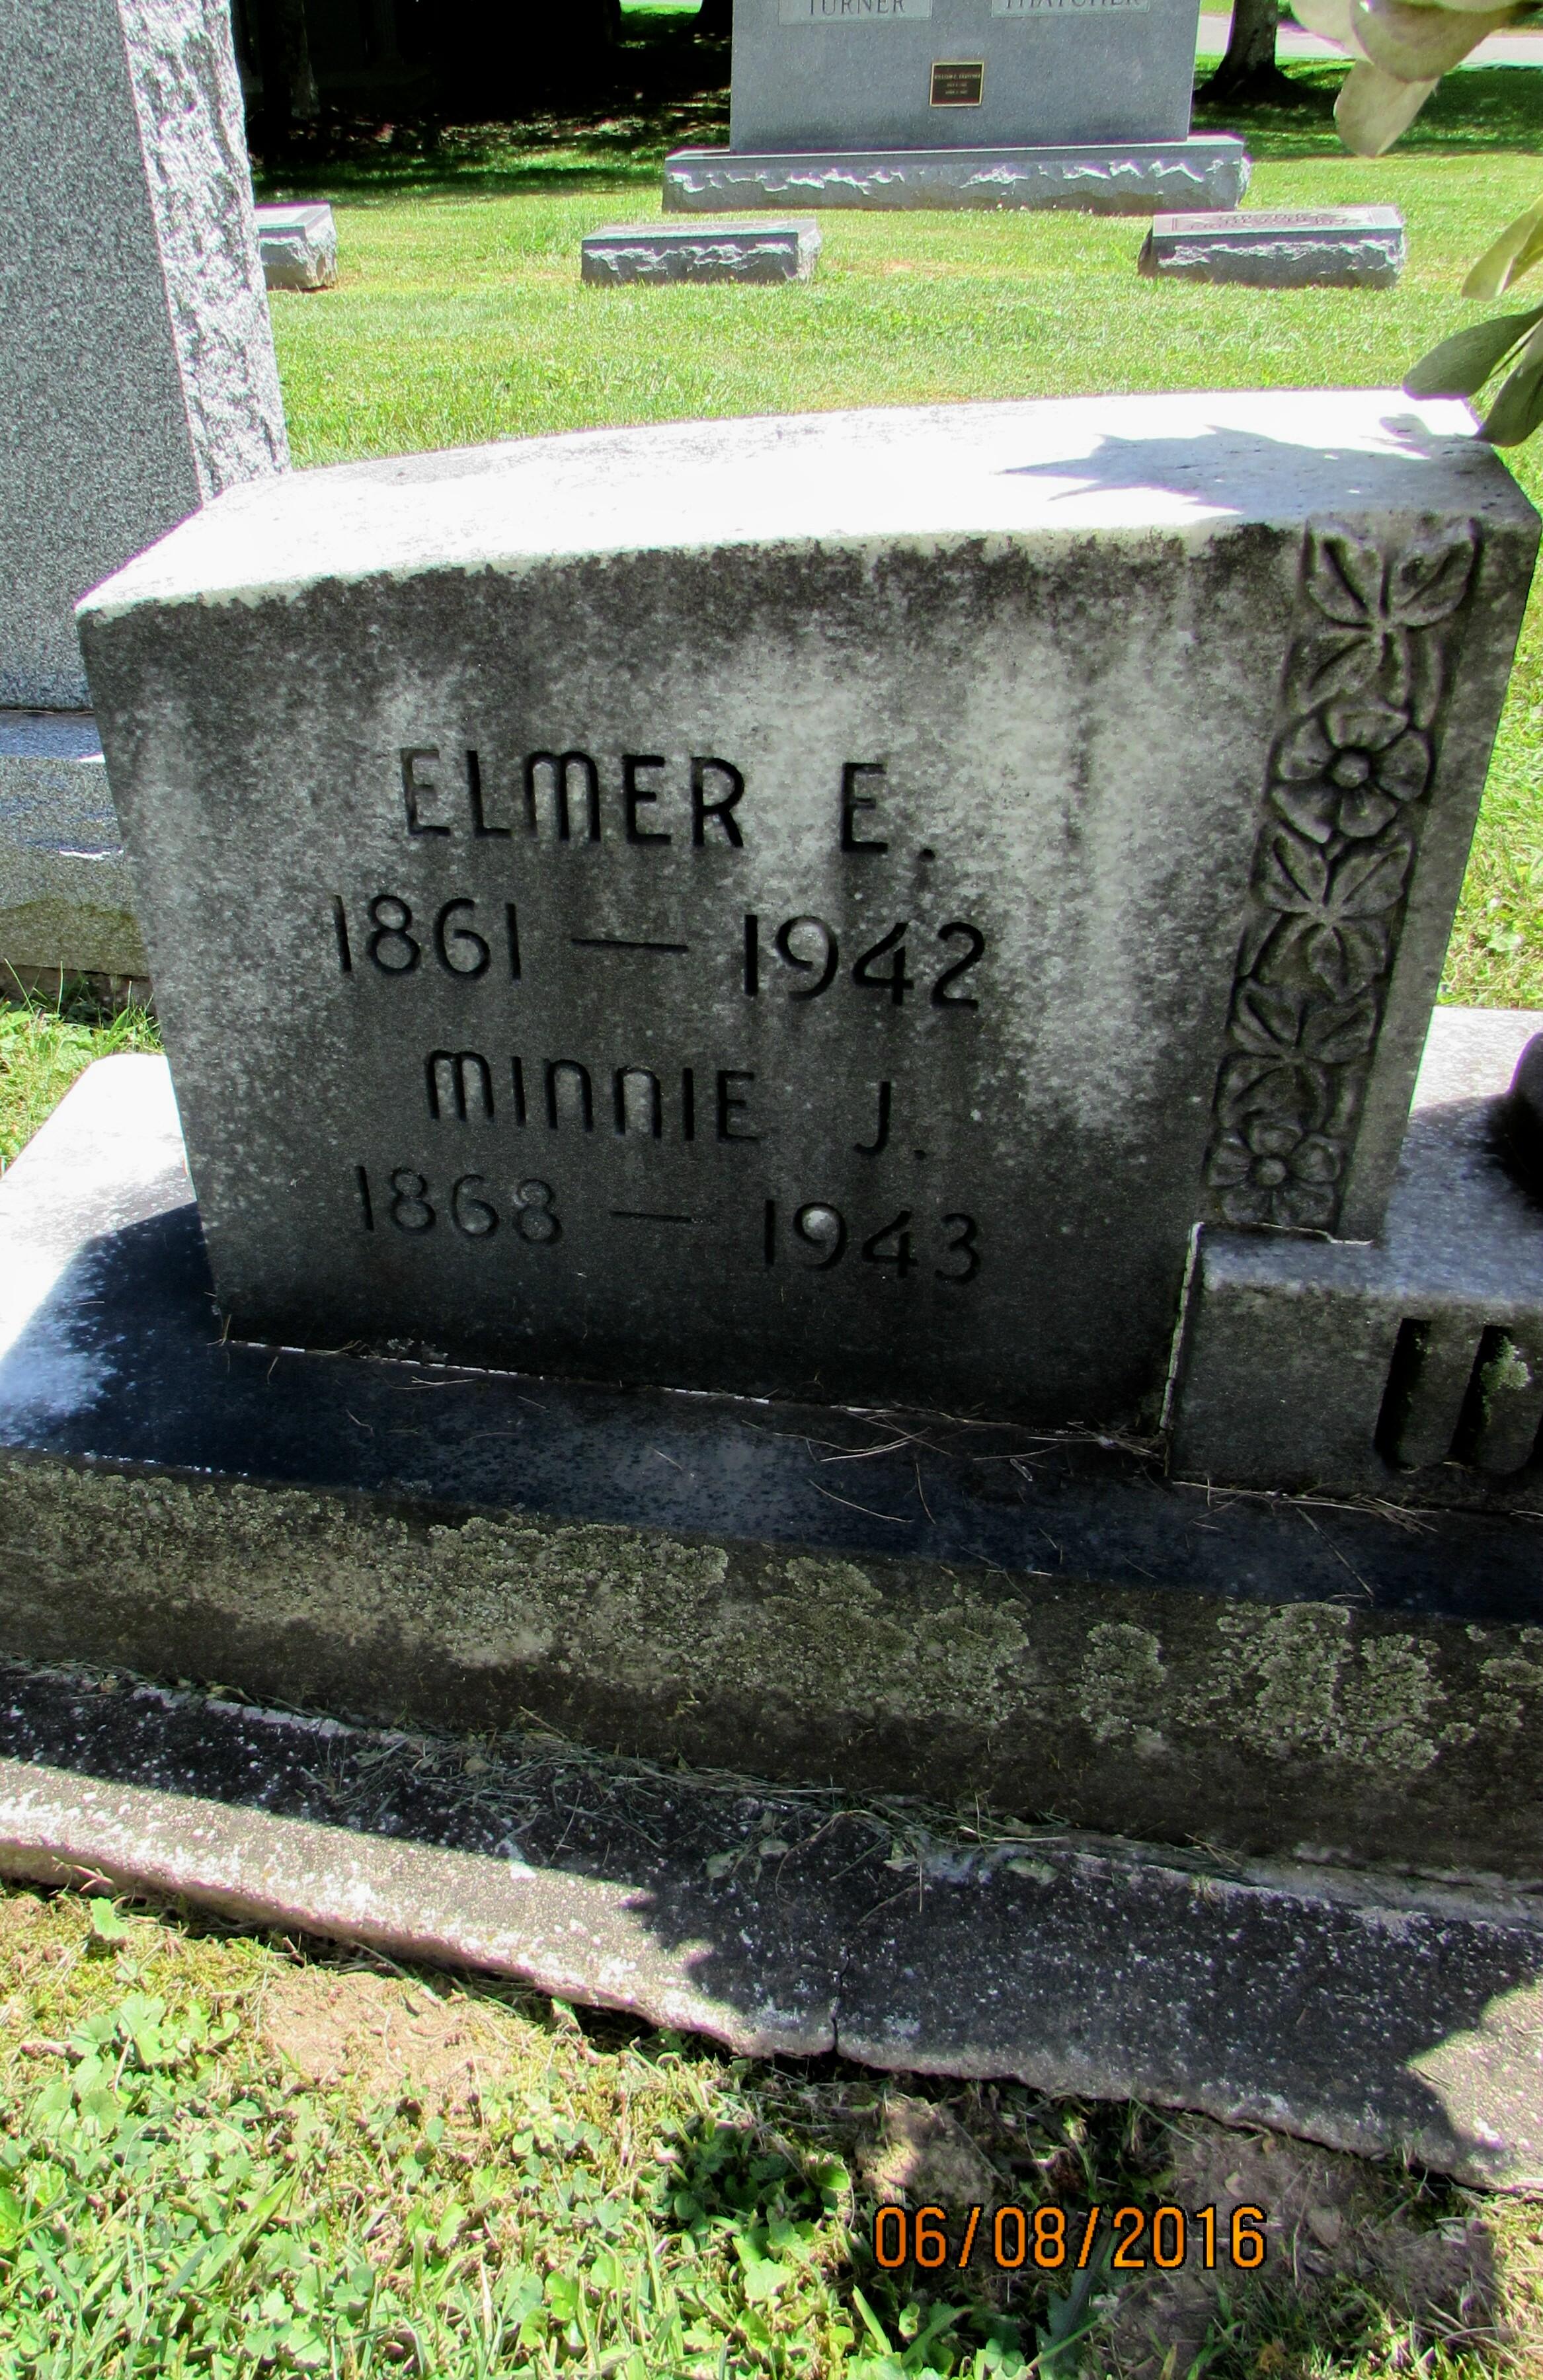 Elmer E. Willis